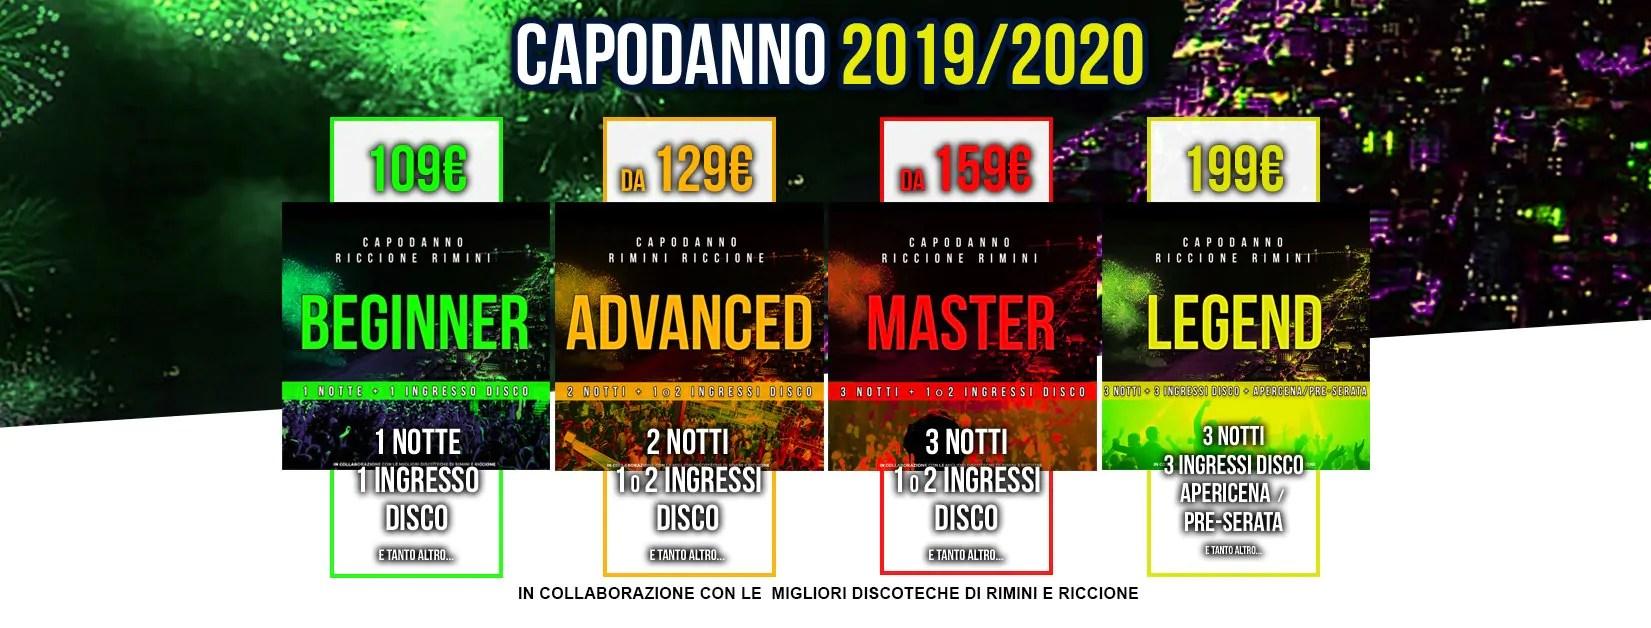 Capodanno 2020 a Riccione e Rimini – Offerte Hotel + Discoteche Eventi Feste Serate Discoteche Cenoni